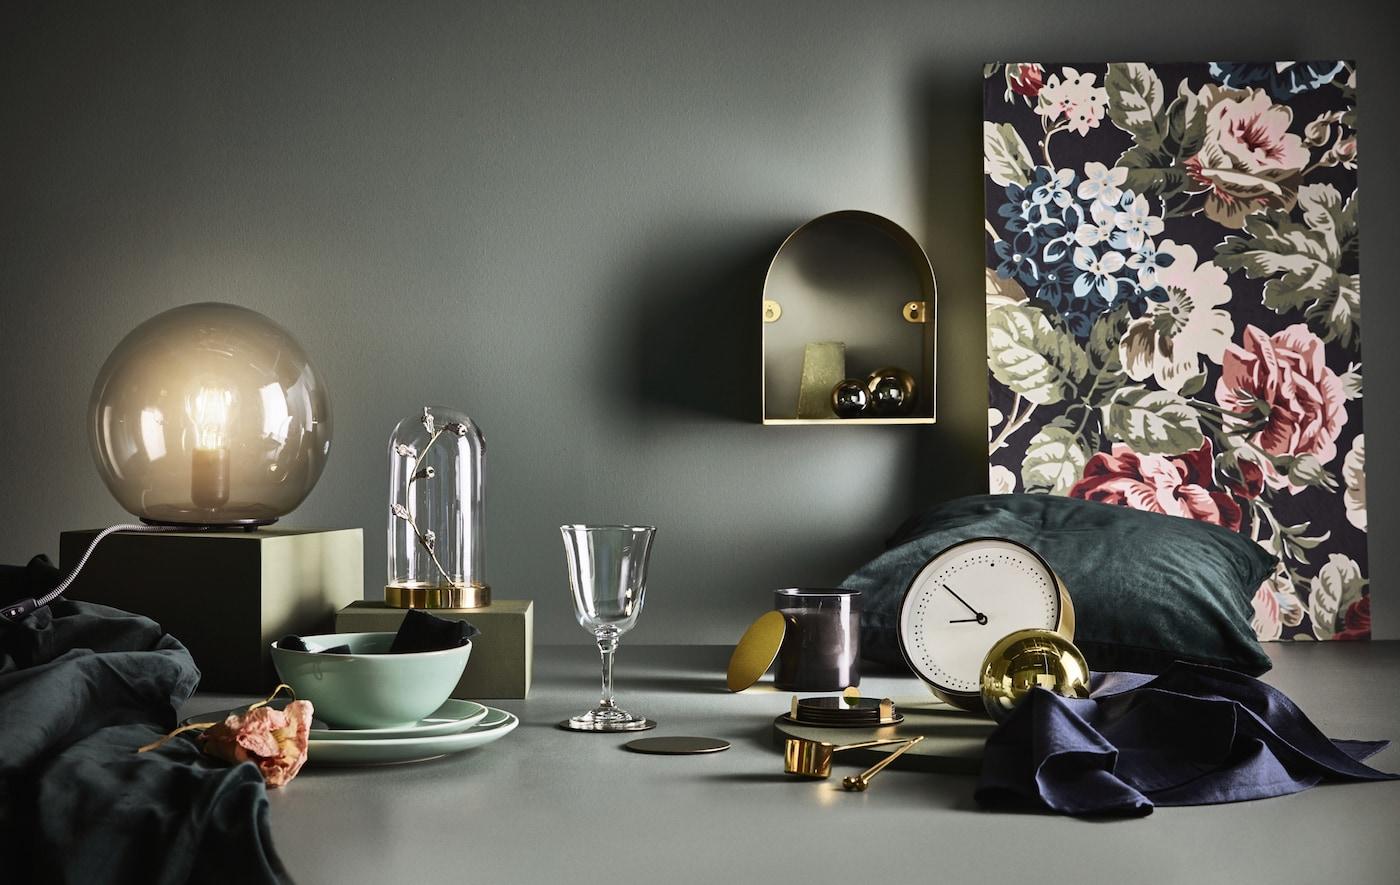 Un orologio, una lampada da tavolo, una campana di vetro e tanti altri oggetti disposti davanti a uno sfondo scuro - IKEA